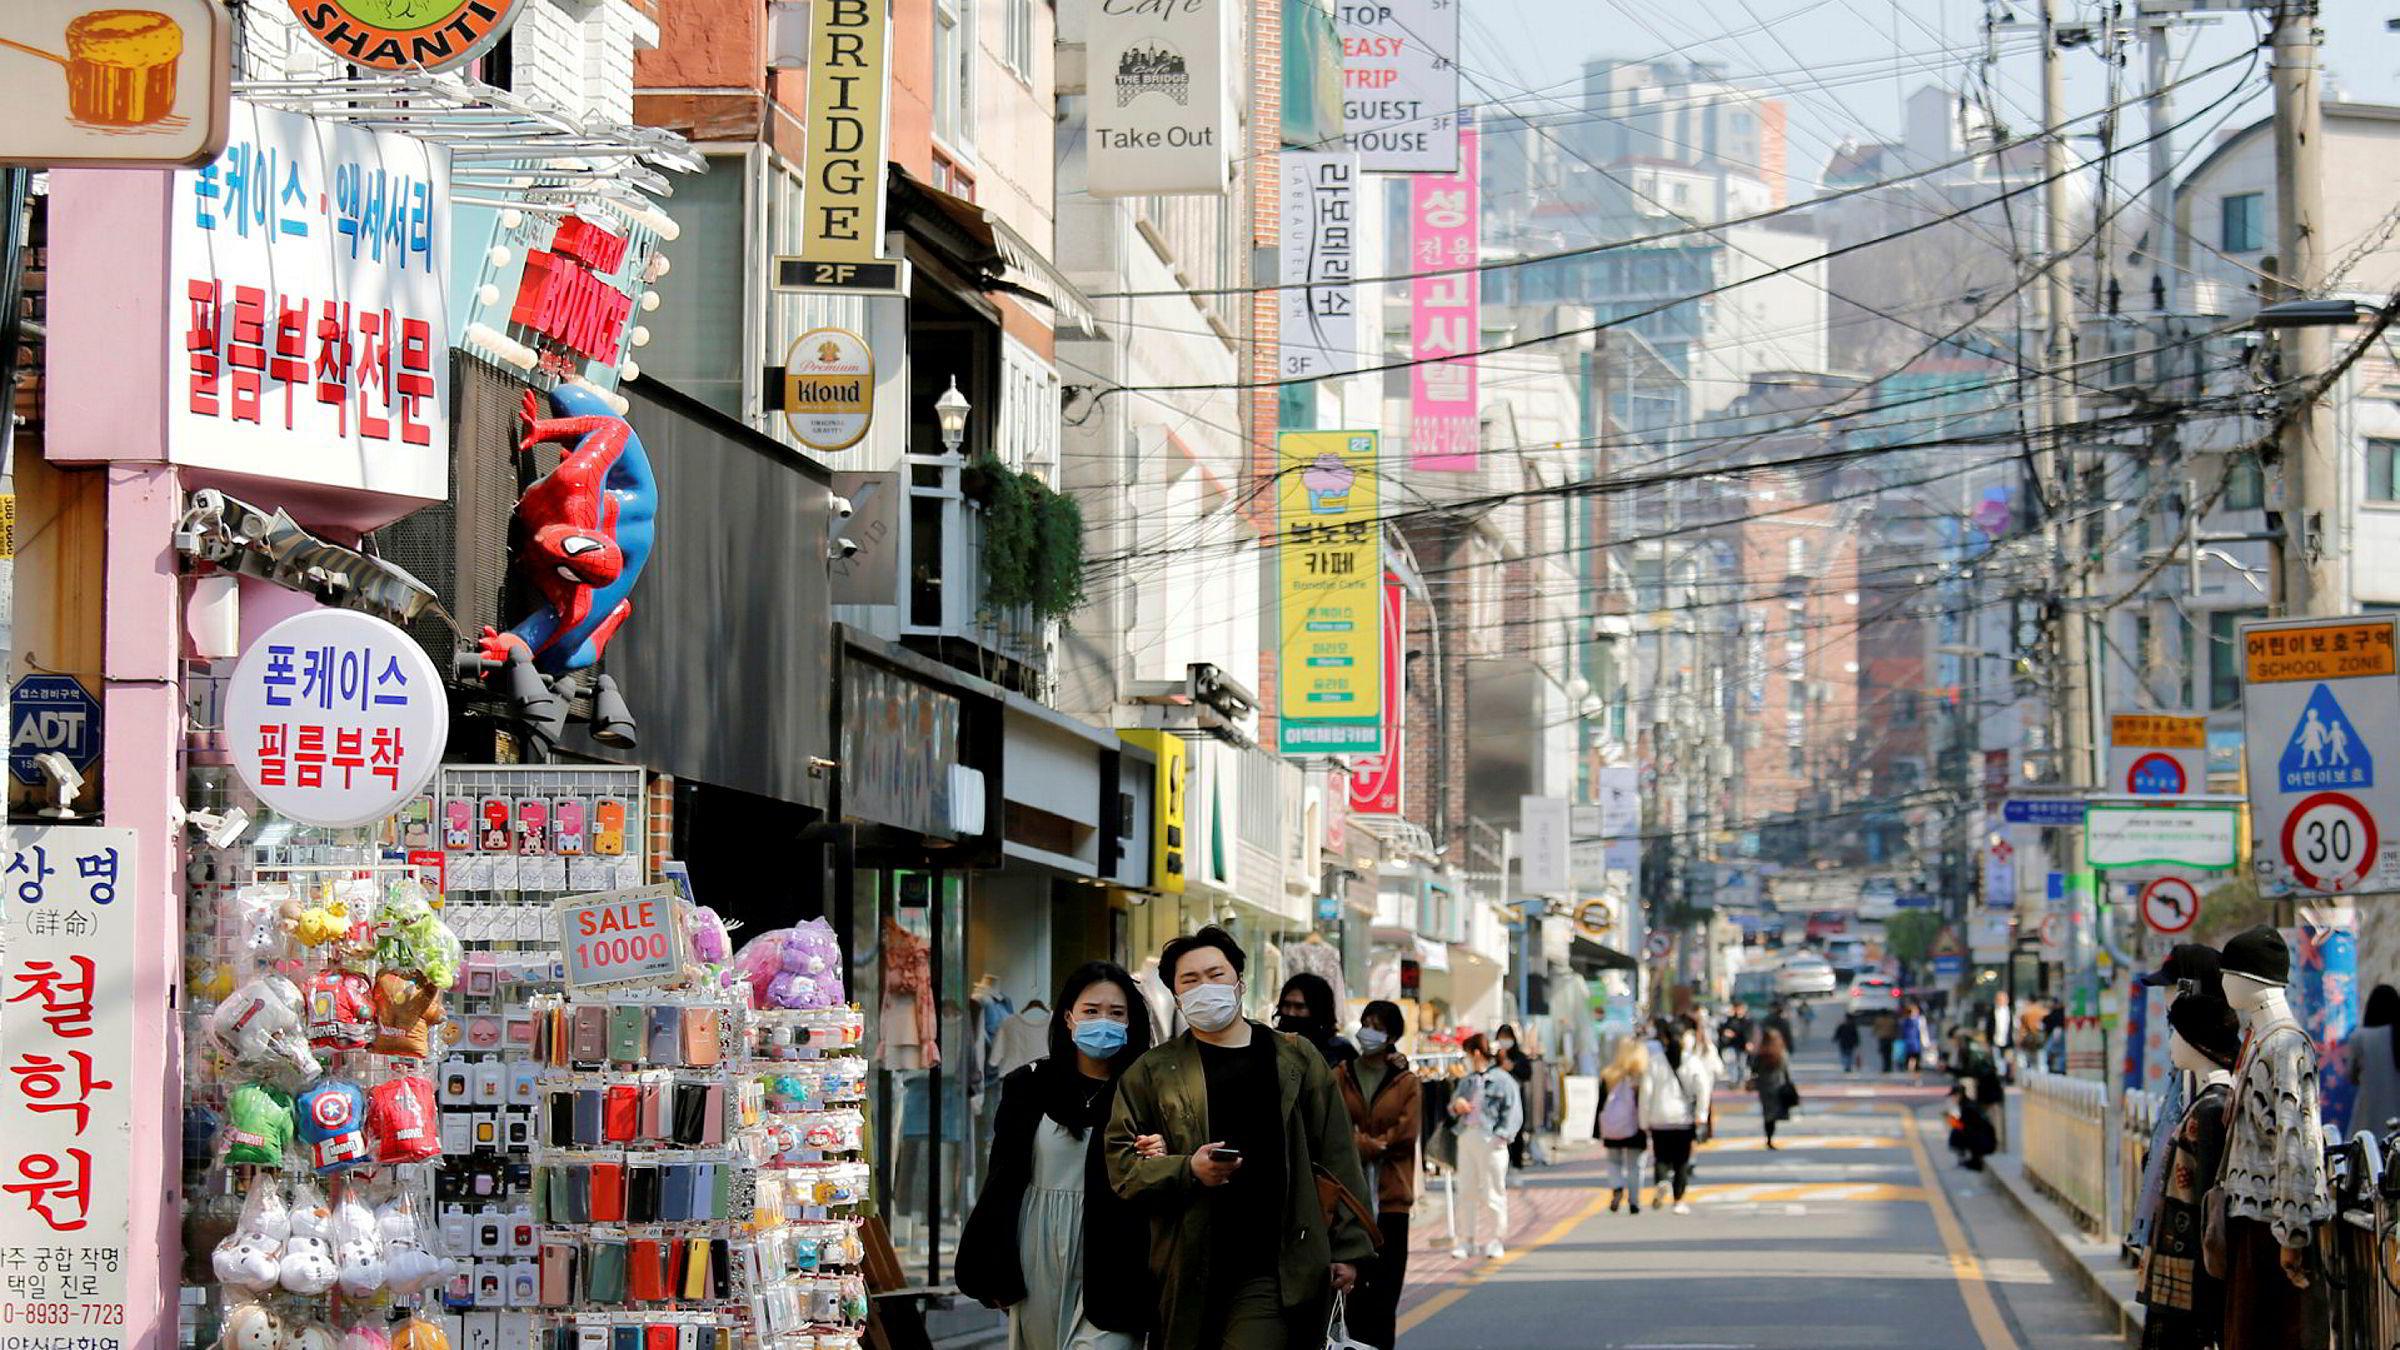 Tallenes tale er klar: 174 er så langt døde i Sør-Korea, mens Spania med litt mindre befolkning har 10.000 døde, skriver Erik Solheim. Gatebilde fra Seoul fredag 3. april.